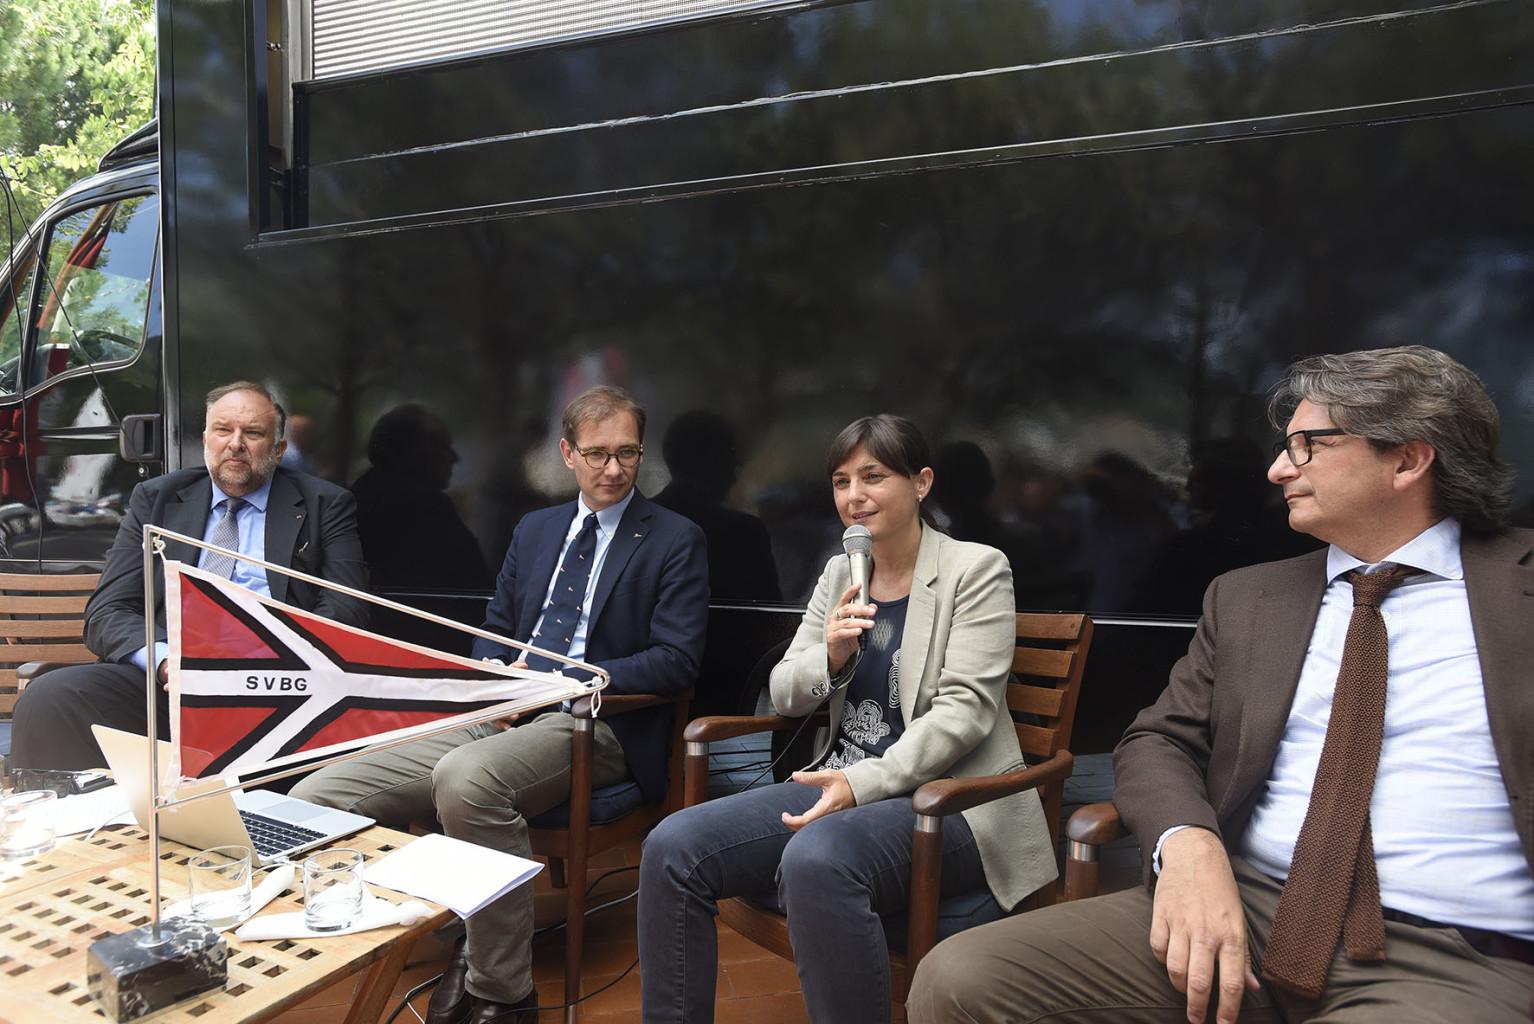 conferenza_stampa_svbg_2015_CET6814